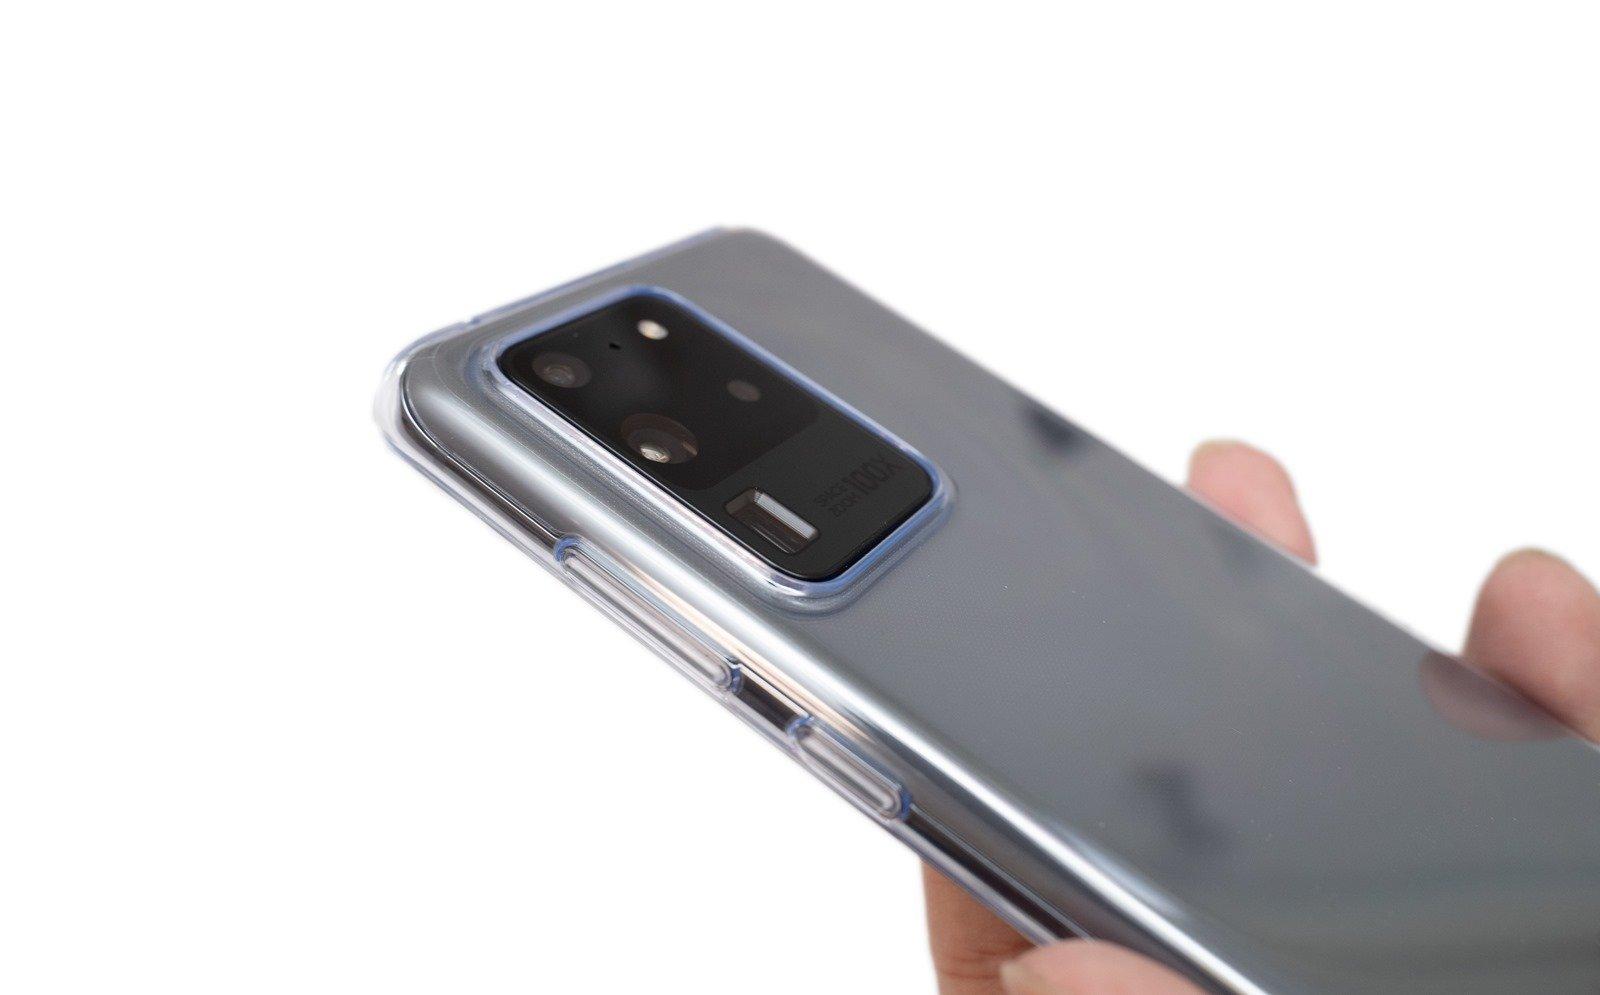 三星 Galaxy S20 Ultra 快速開箱 (台灣上市版本),看看全新盒裝裡面有什麼?!(Galaxy S20 Ultra unboxing) @3C 達人廖阿輝